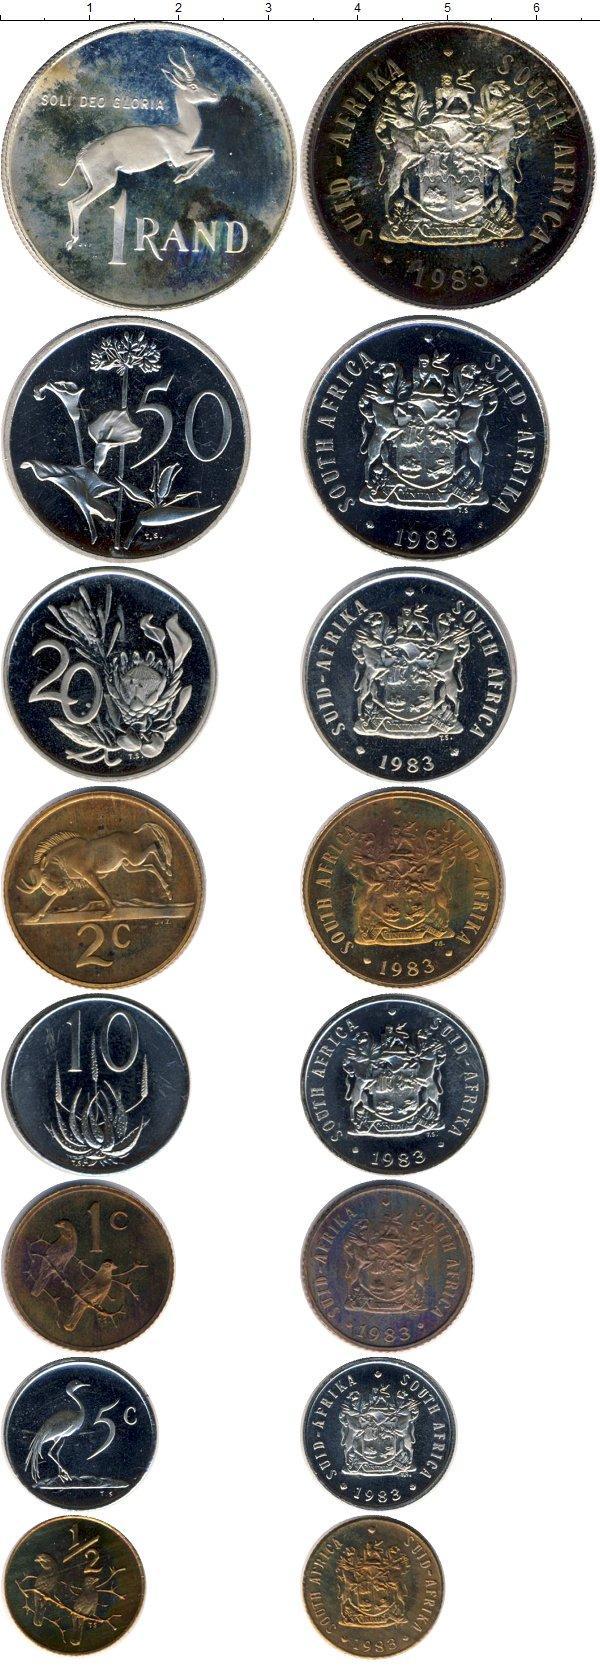 Каталог монет - ЮАР Выпуск 1983 года